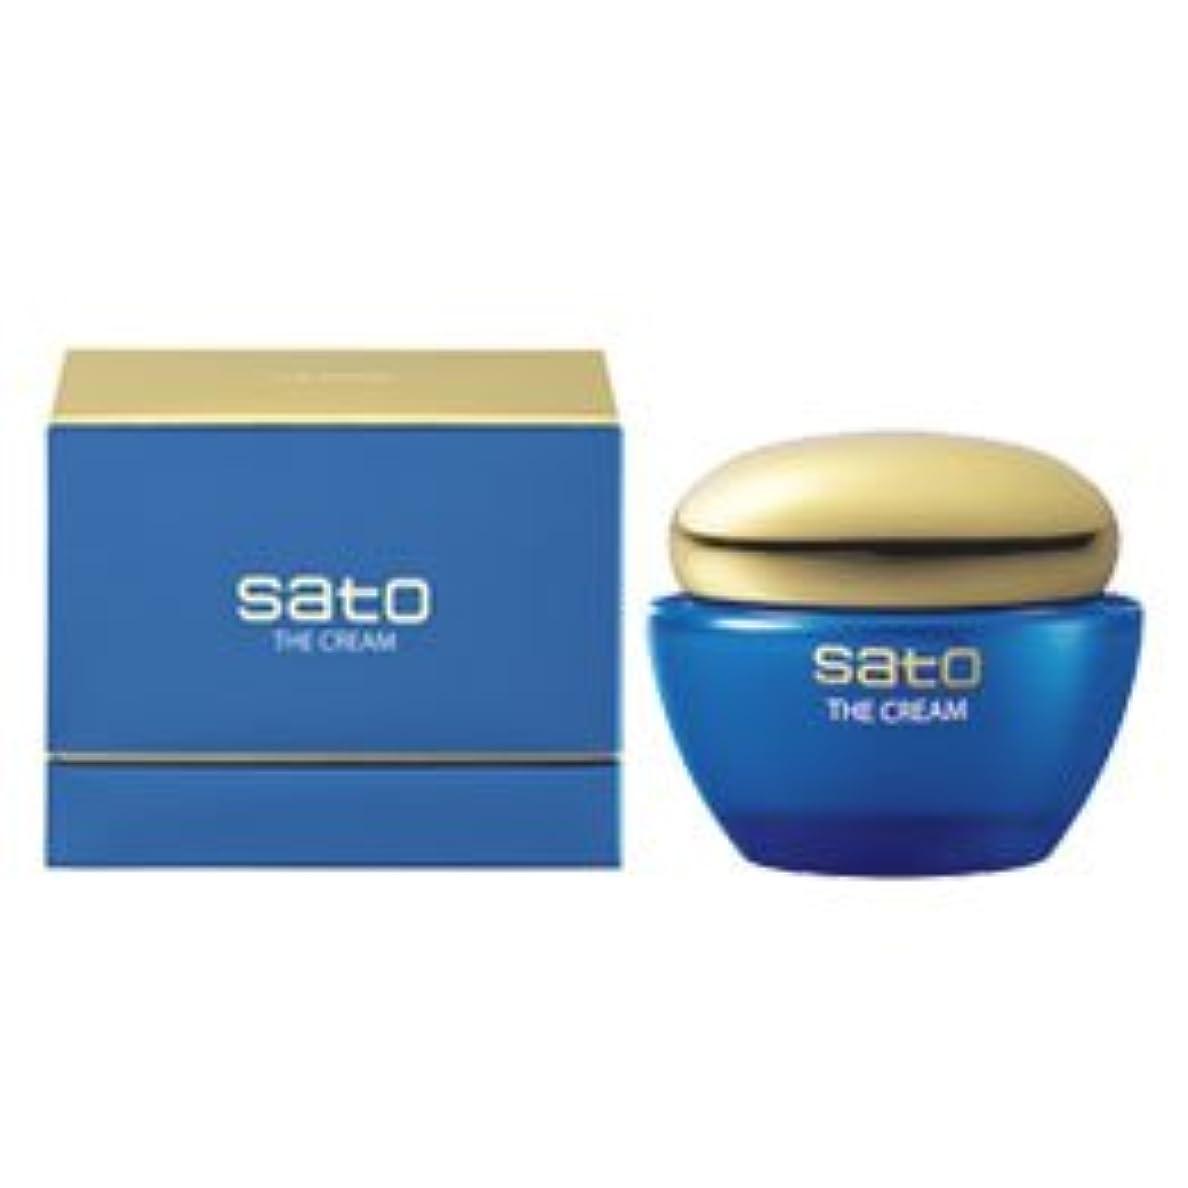 口実非公式バック佐藤製薬 SATO【サトウ製薬】ザ?クリーム50g<保湿クリーム> 8000 P12